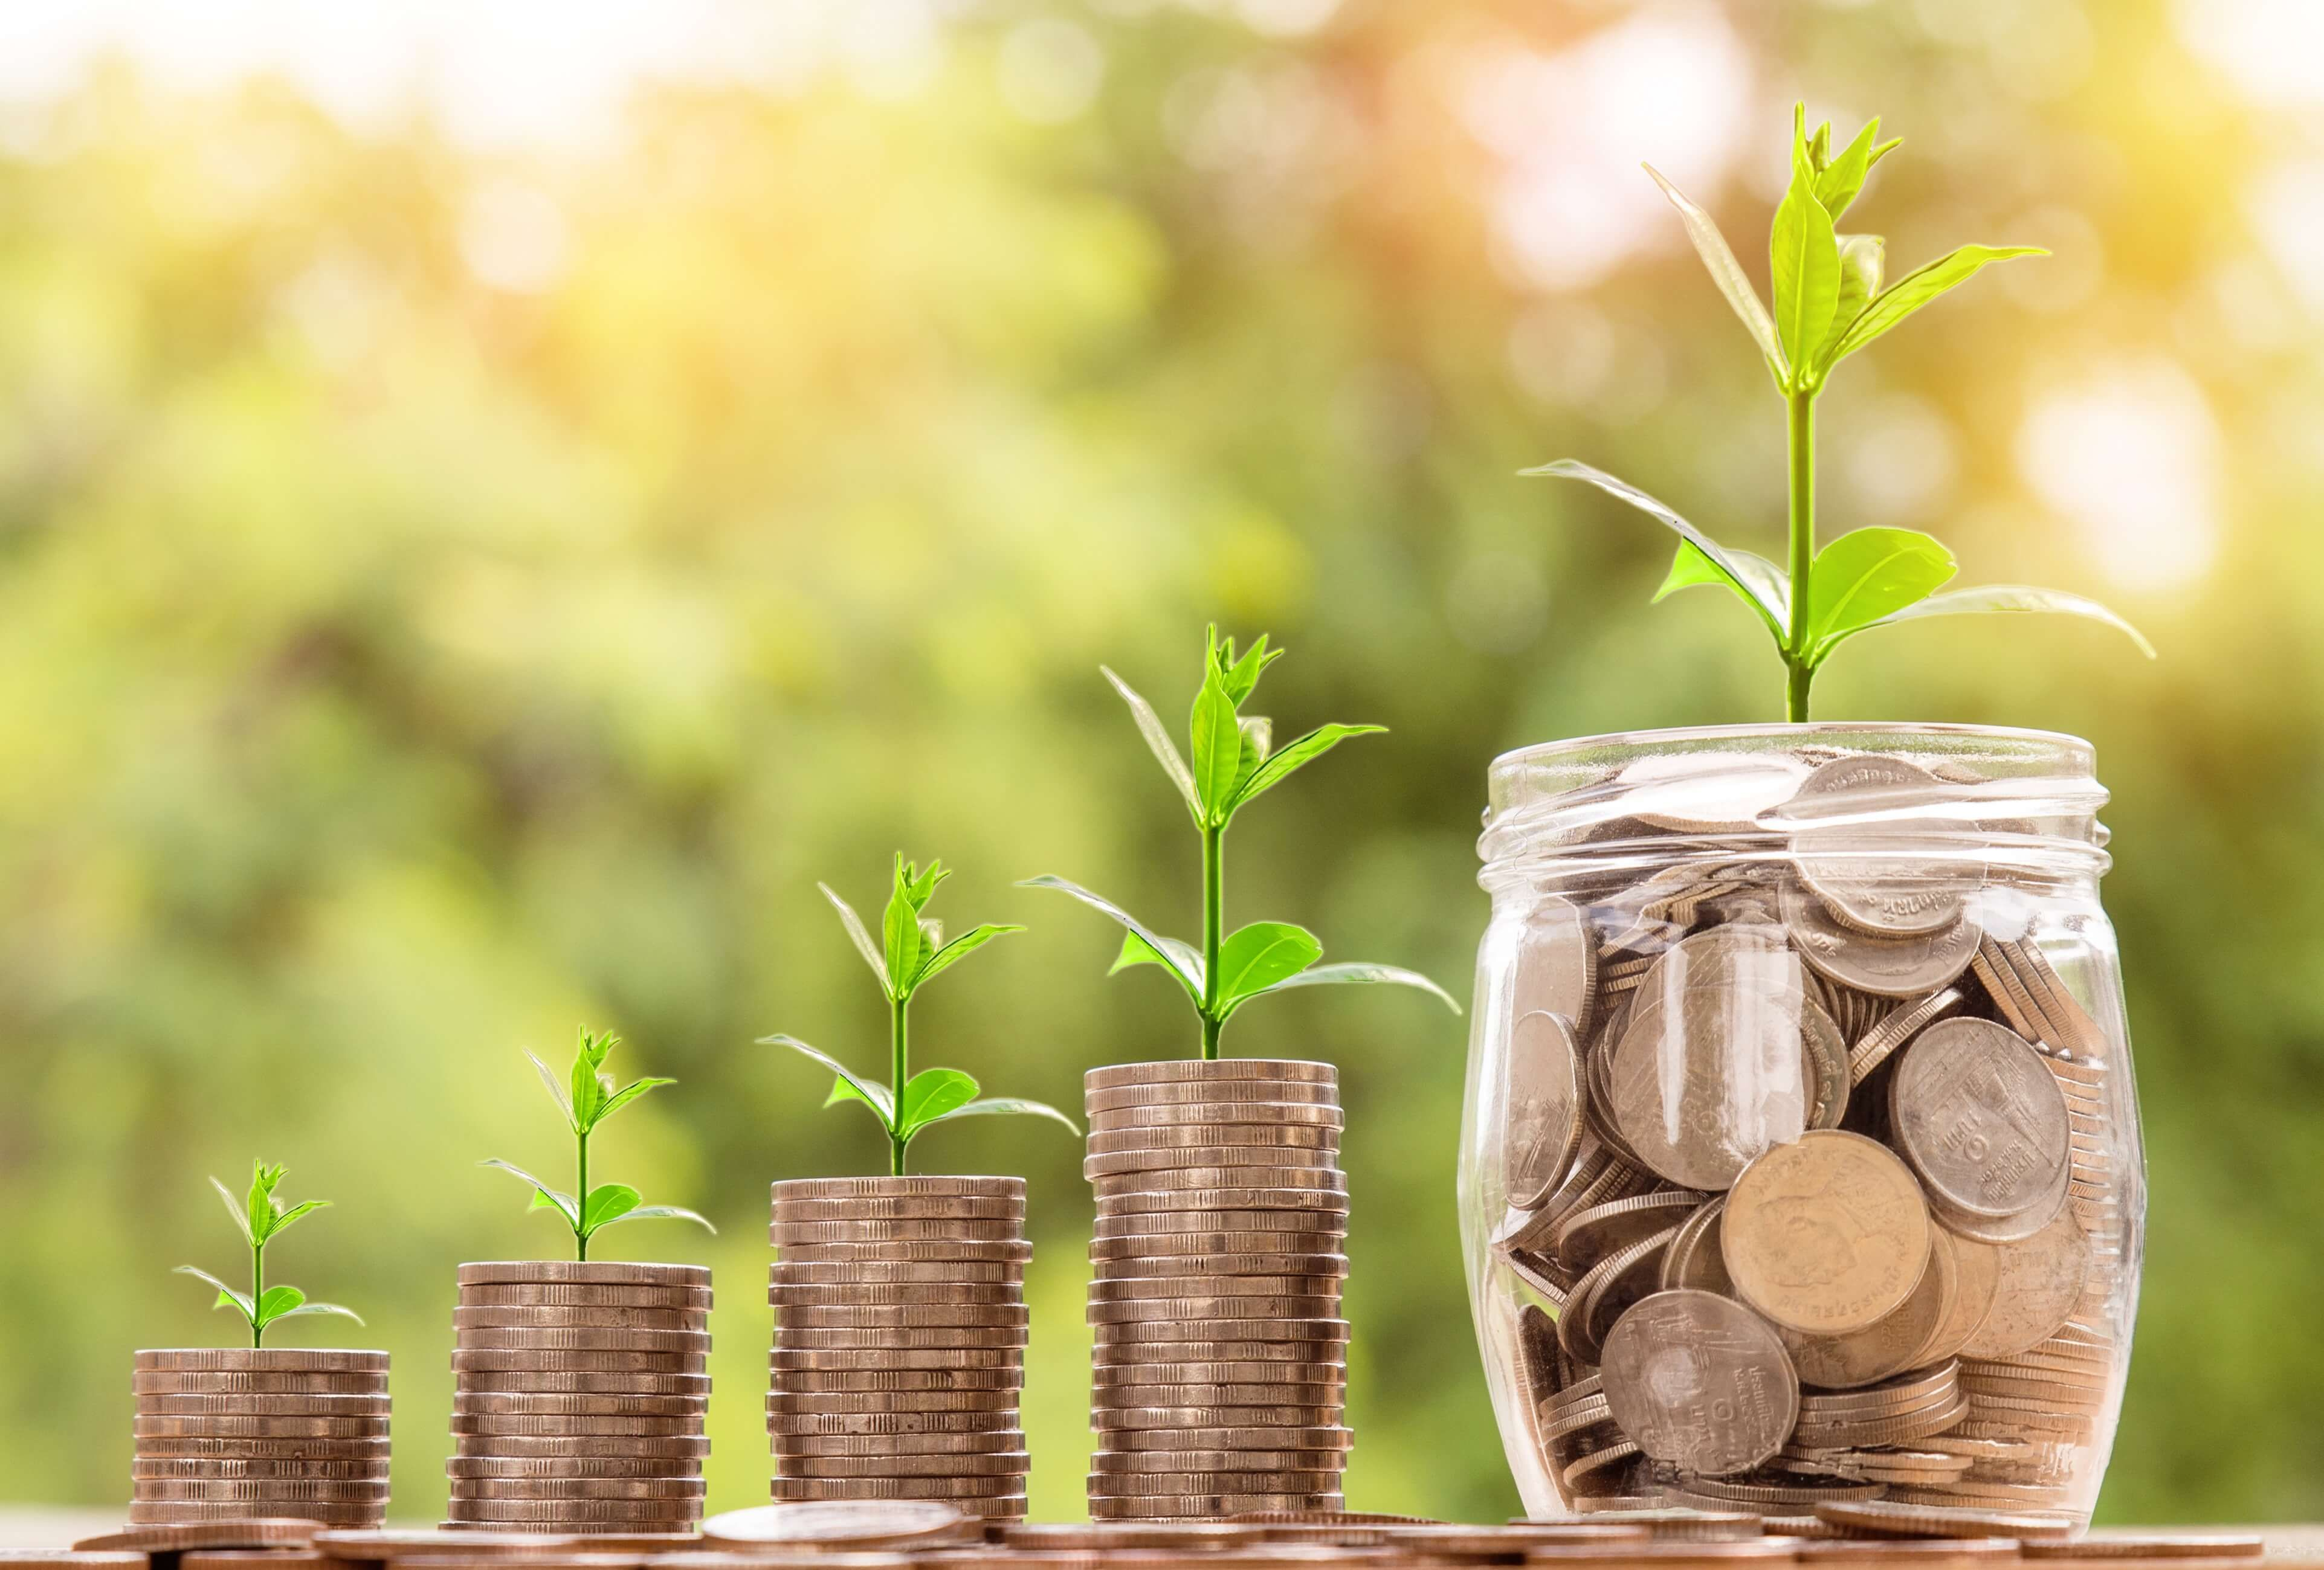 Кто будет грести деньги лопатой: финансовый гороскоп на 2021 год — фото 1